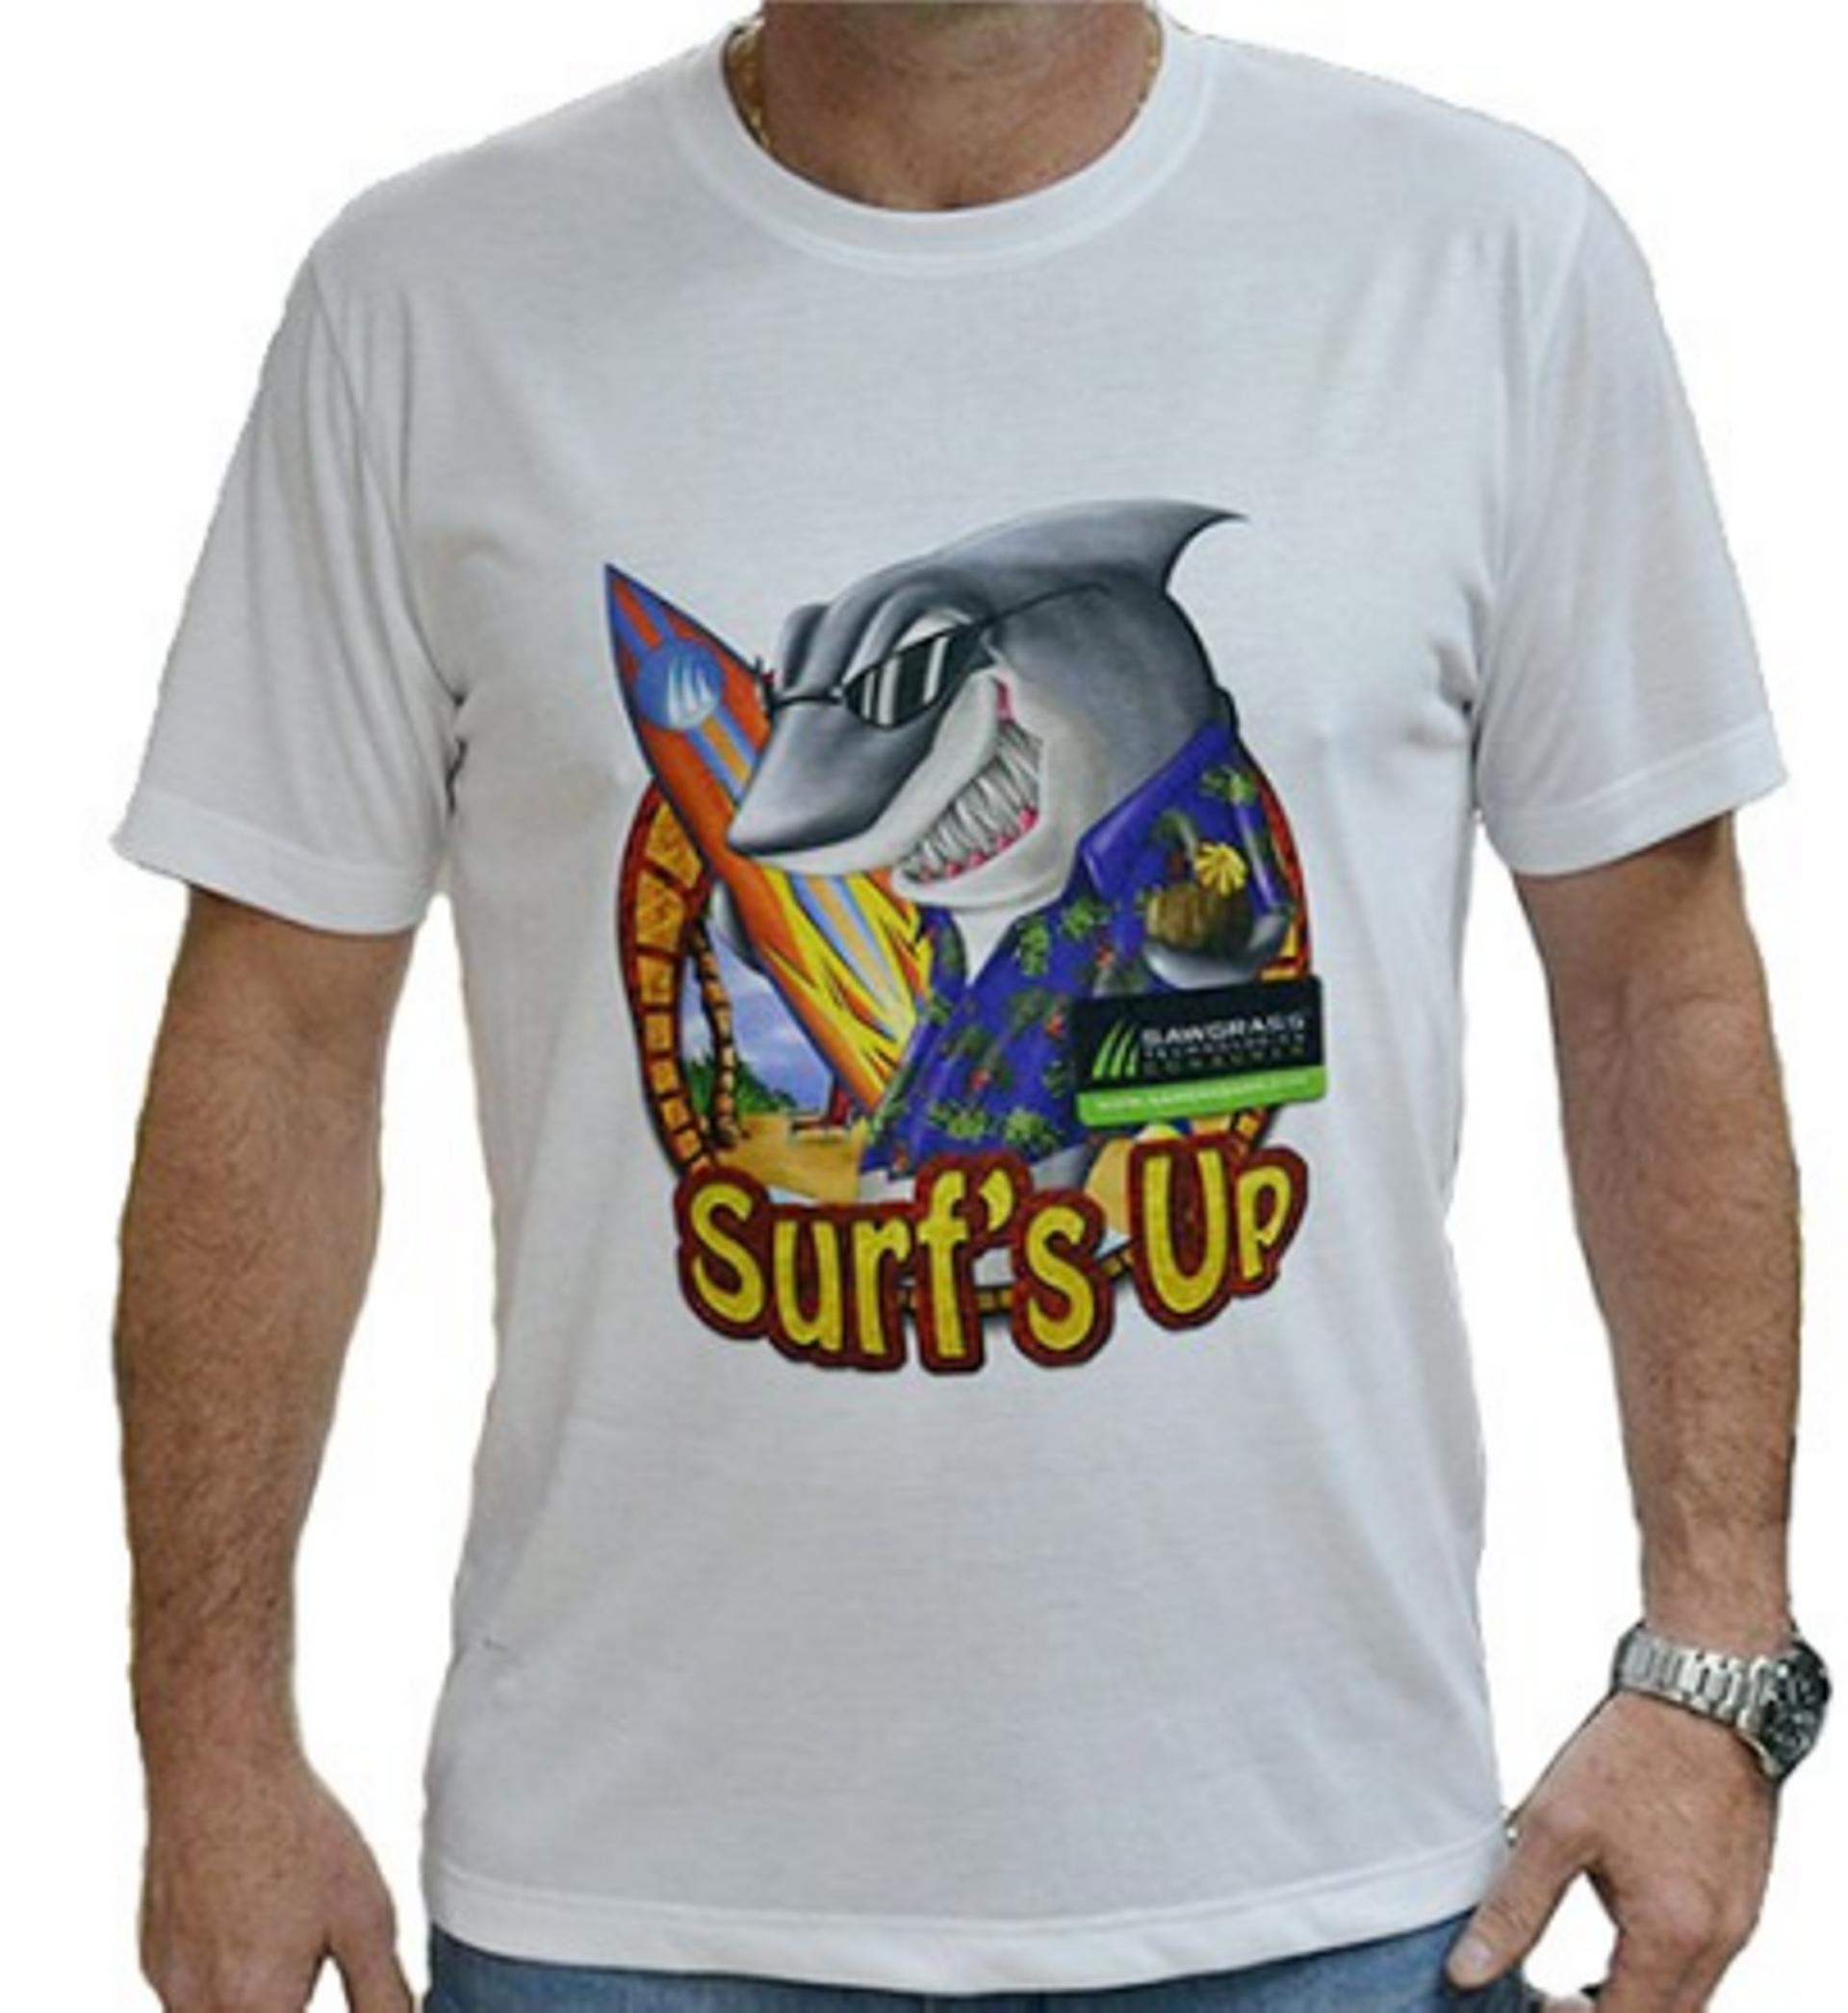 חולצות דרייפיט עם הדפסת תמונה.